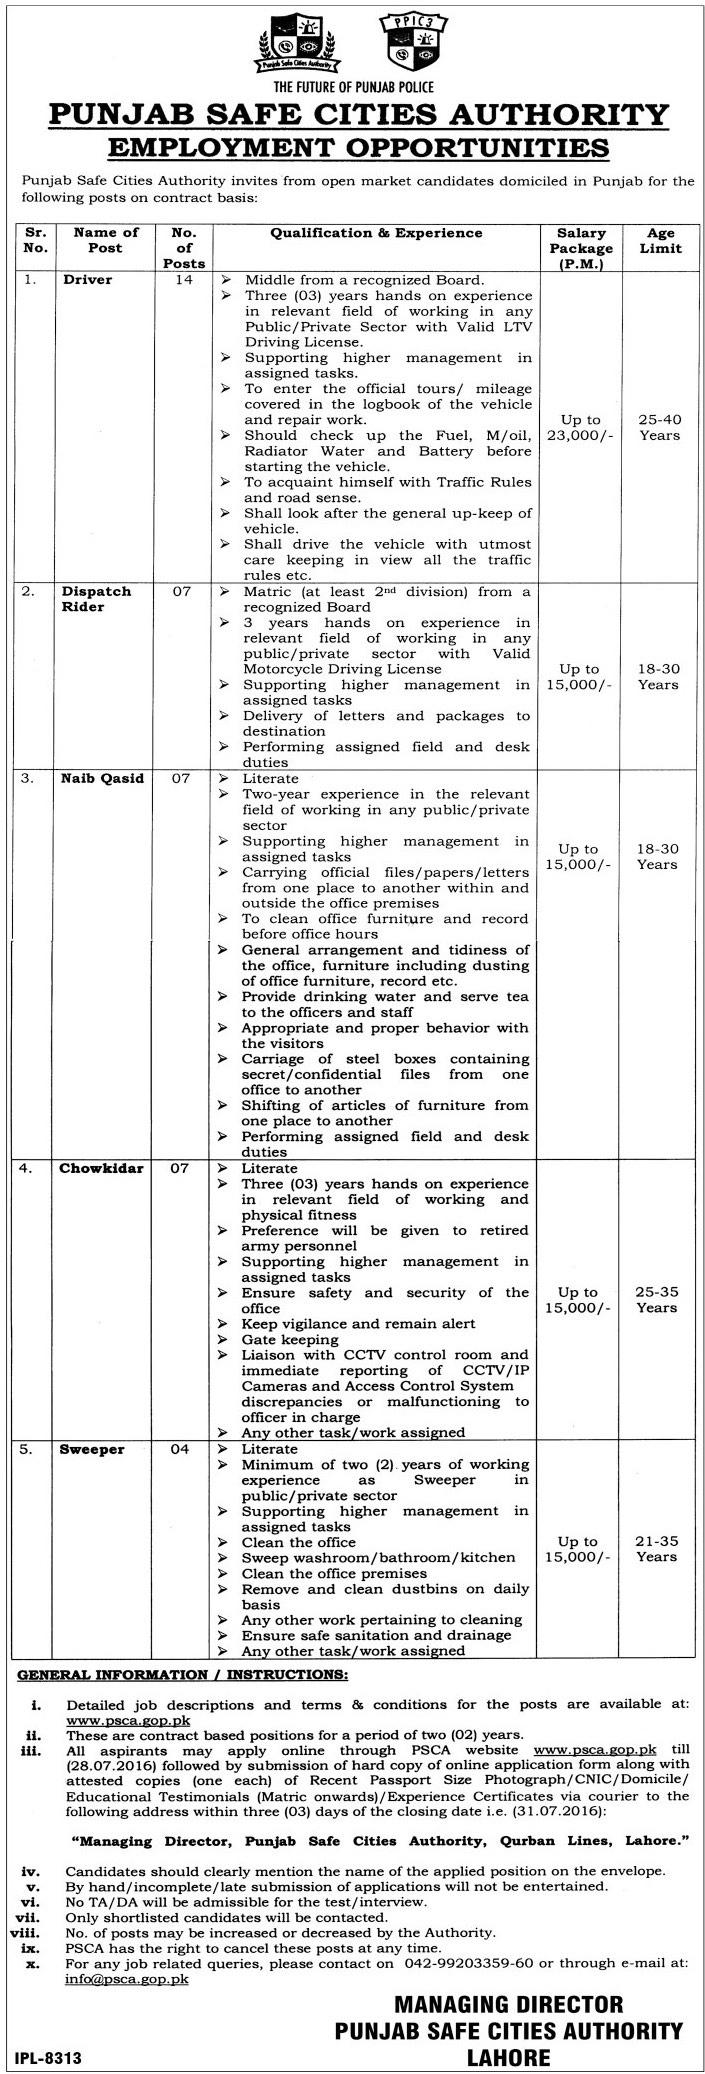 psca gop pk jobs punjab safe city authority application form psca gop pk jobs 2016 punjab safe city authority application form